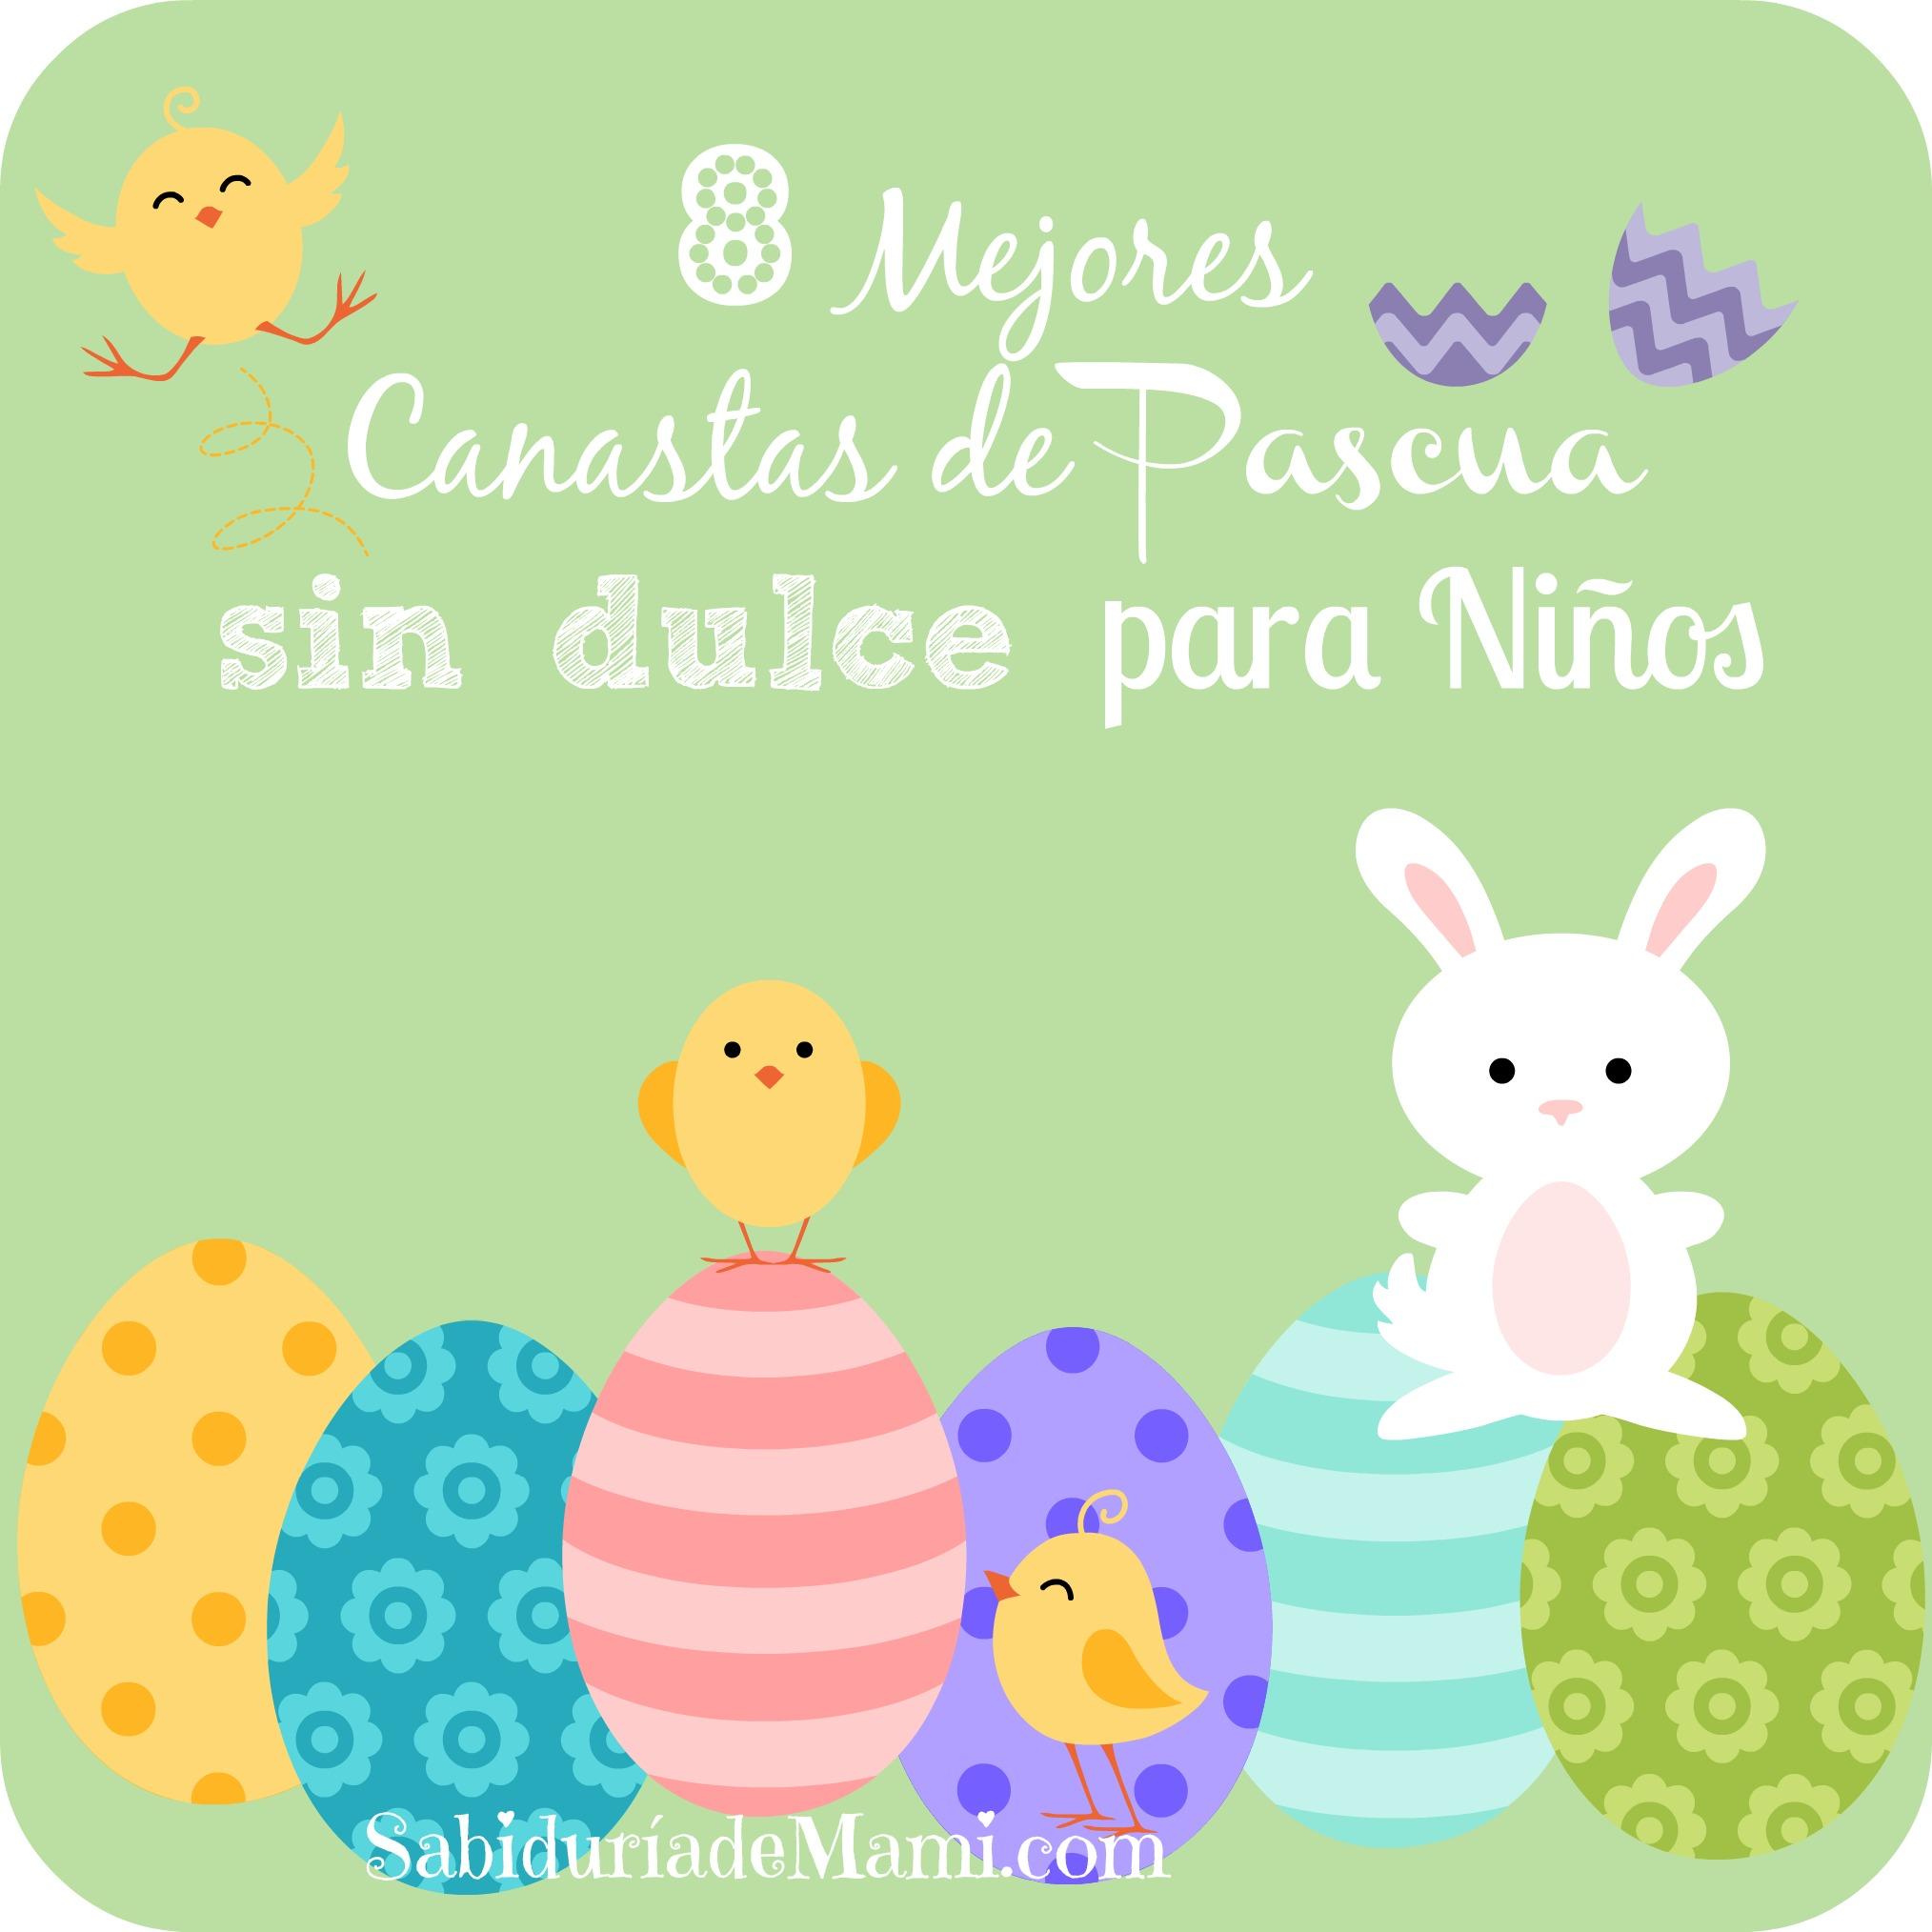 8 Mejores Canastas de Pascua sin dulce para Niños – Sabiduría de Mami